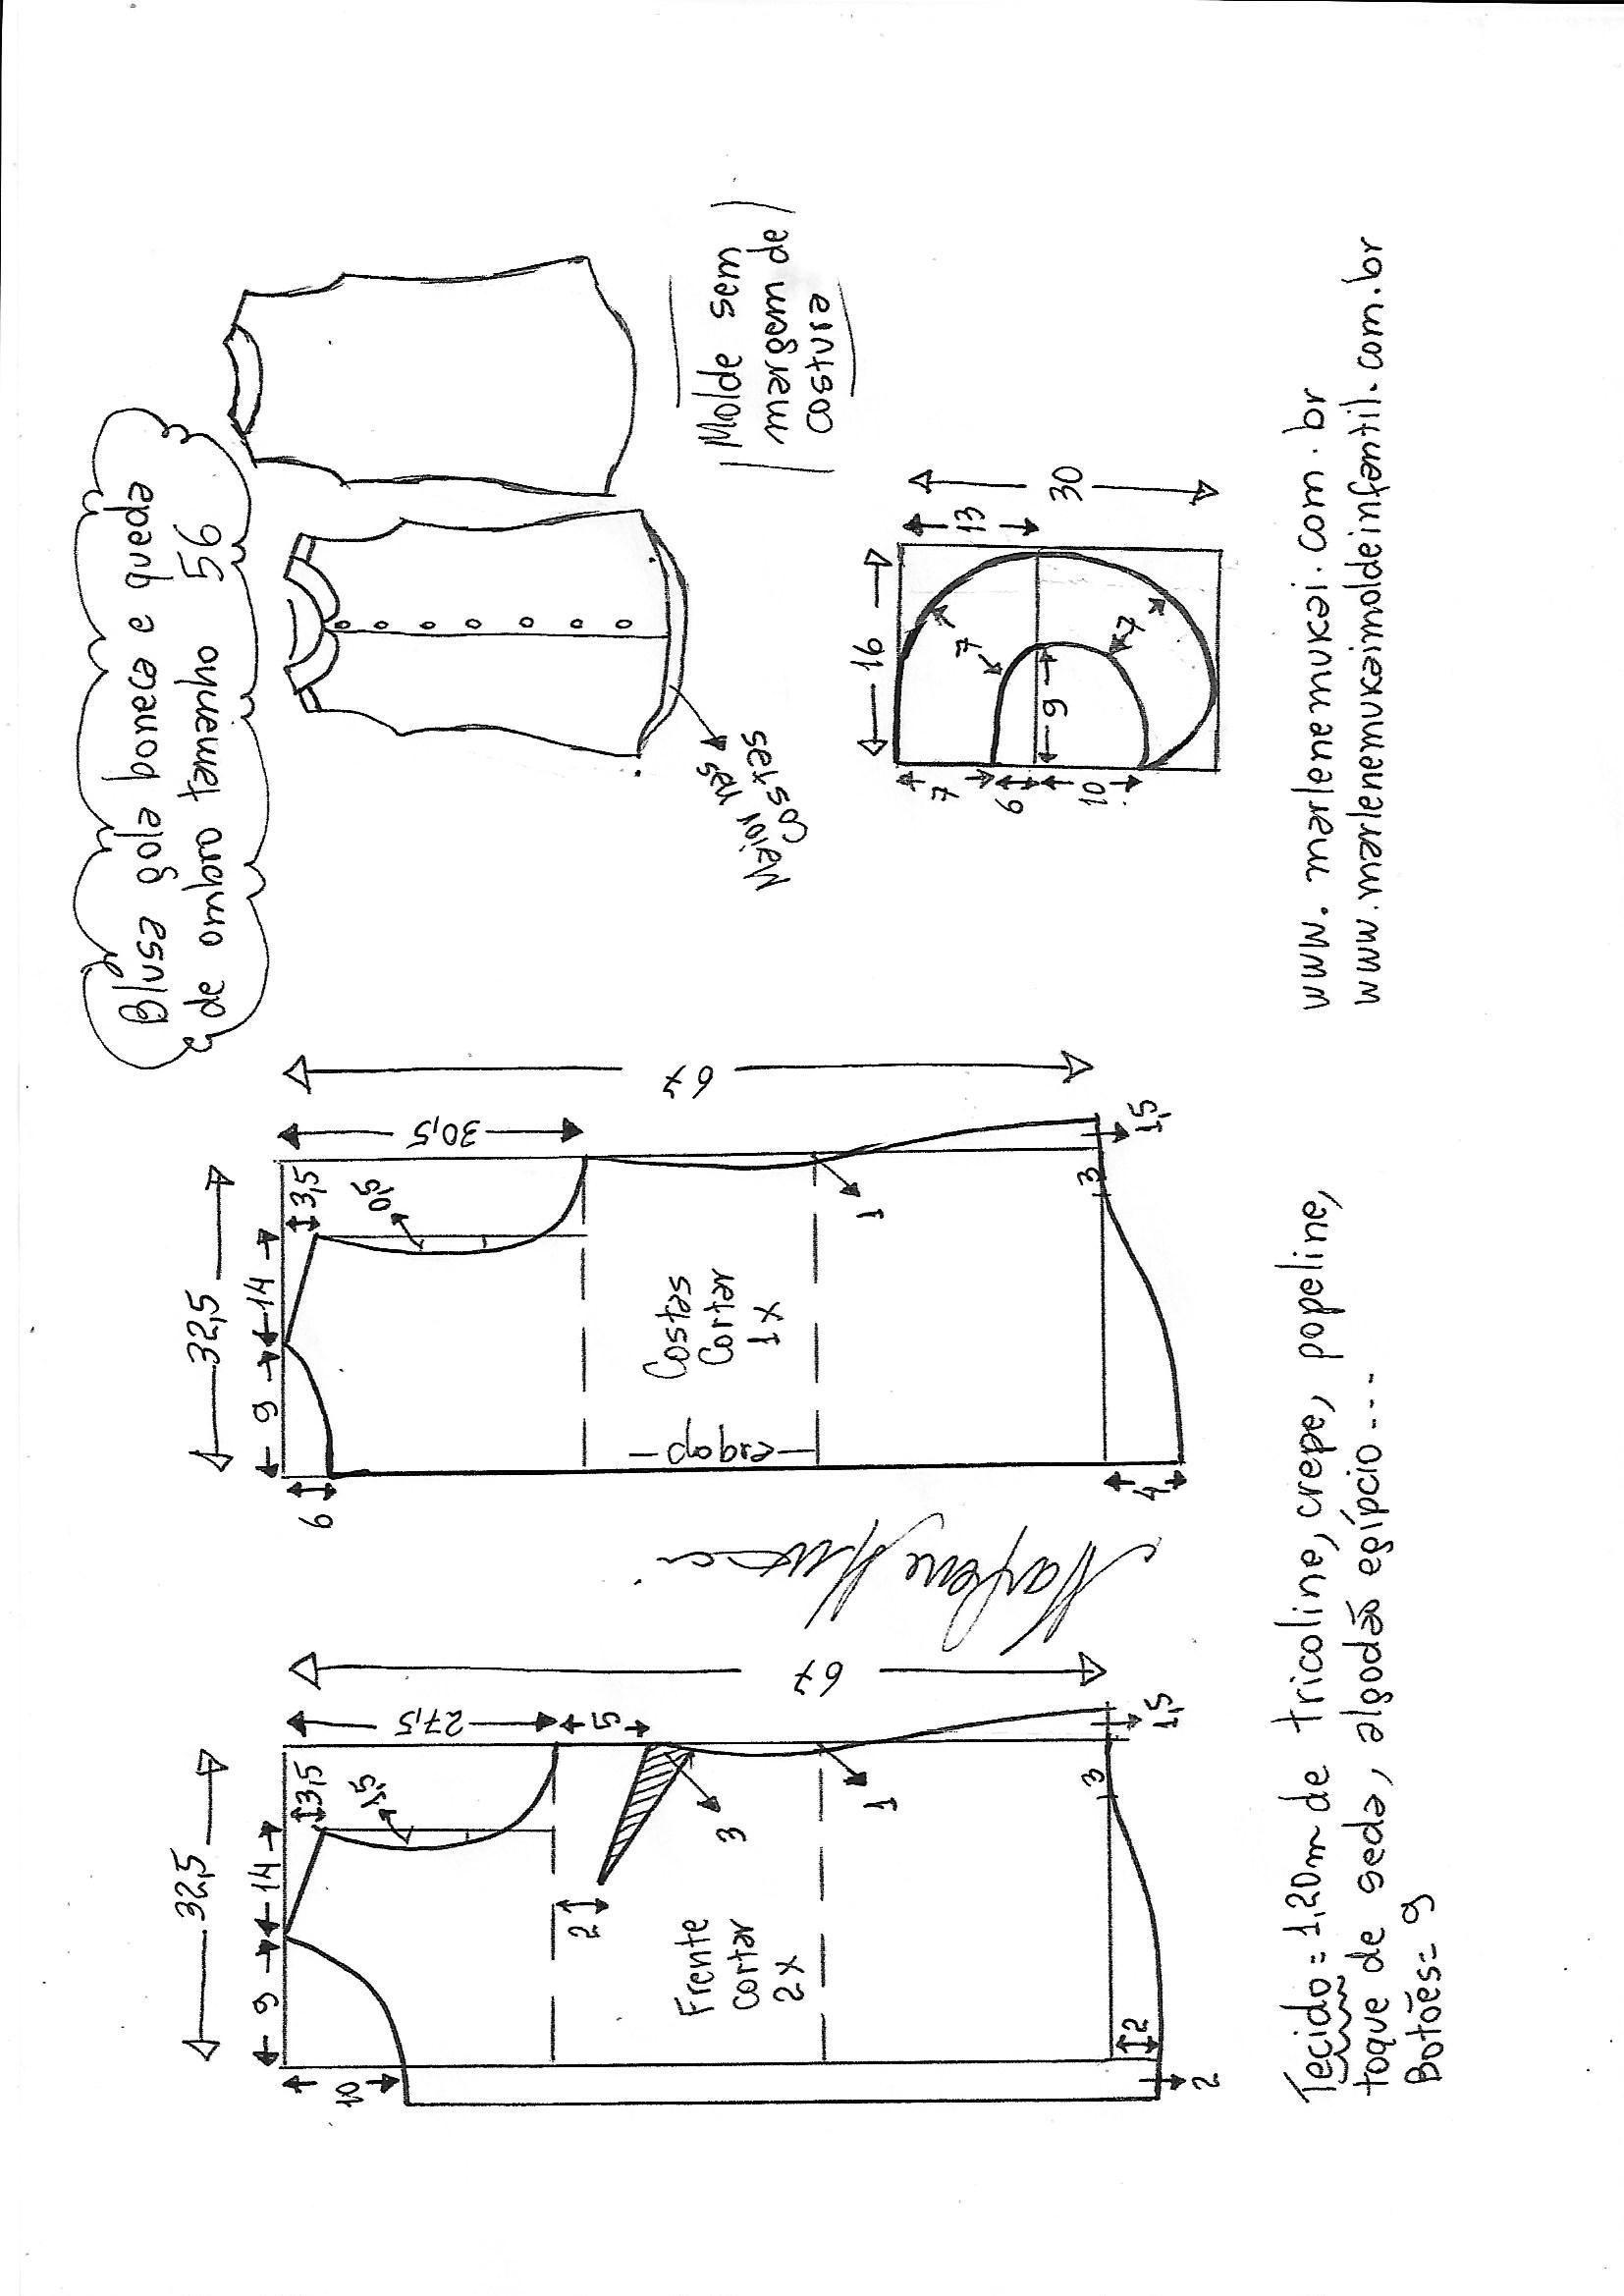 Pin de Virge en tallas grandes   Pinterest   Costura, Patrones de ...